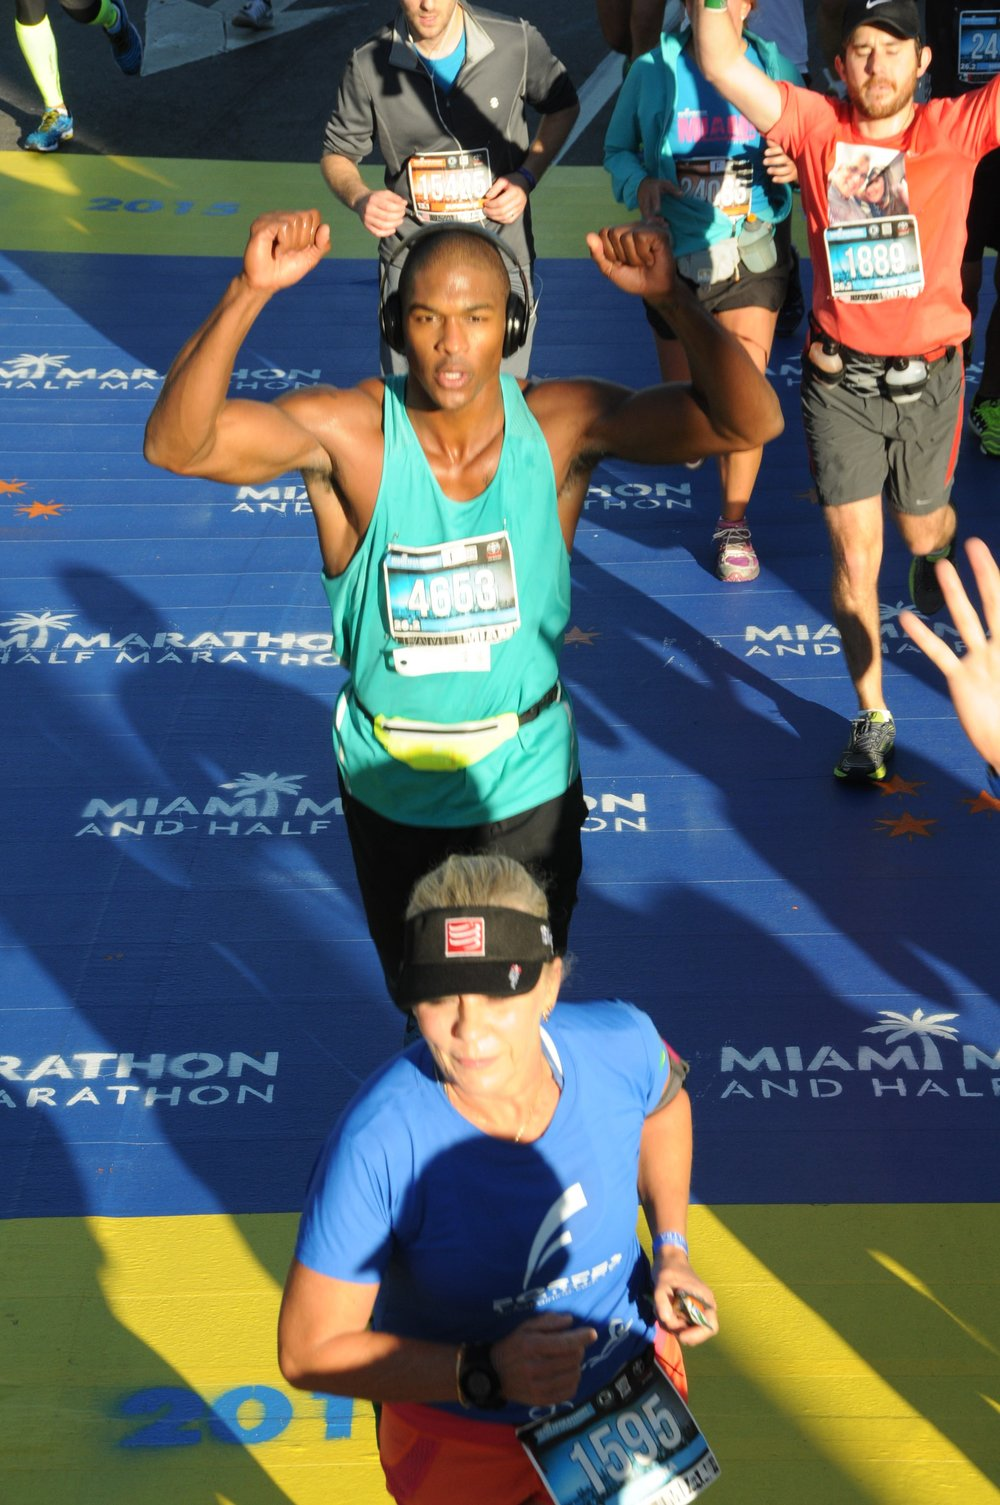 miami-marathon-1.jpg